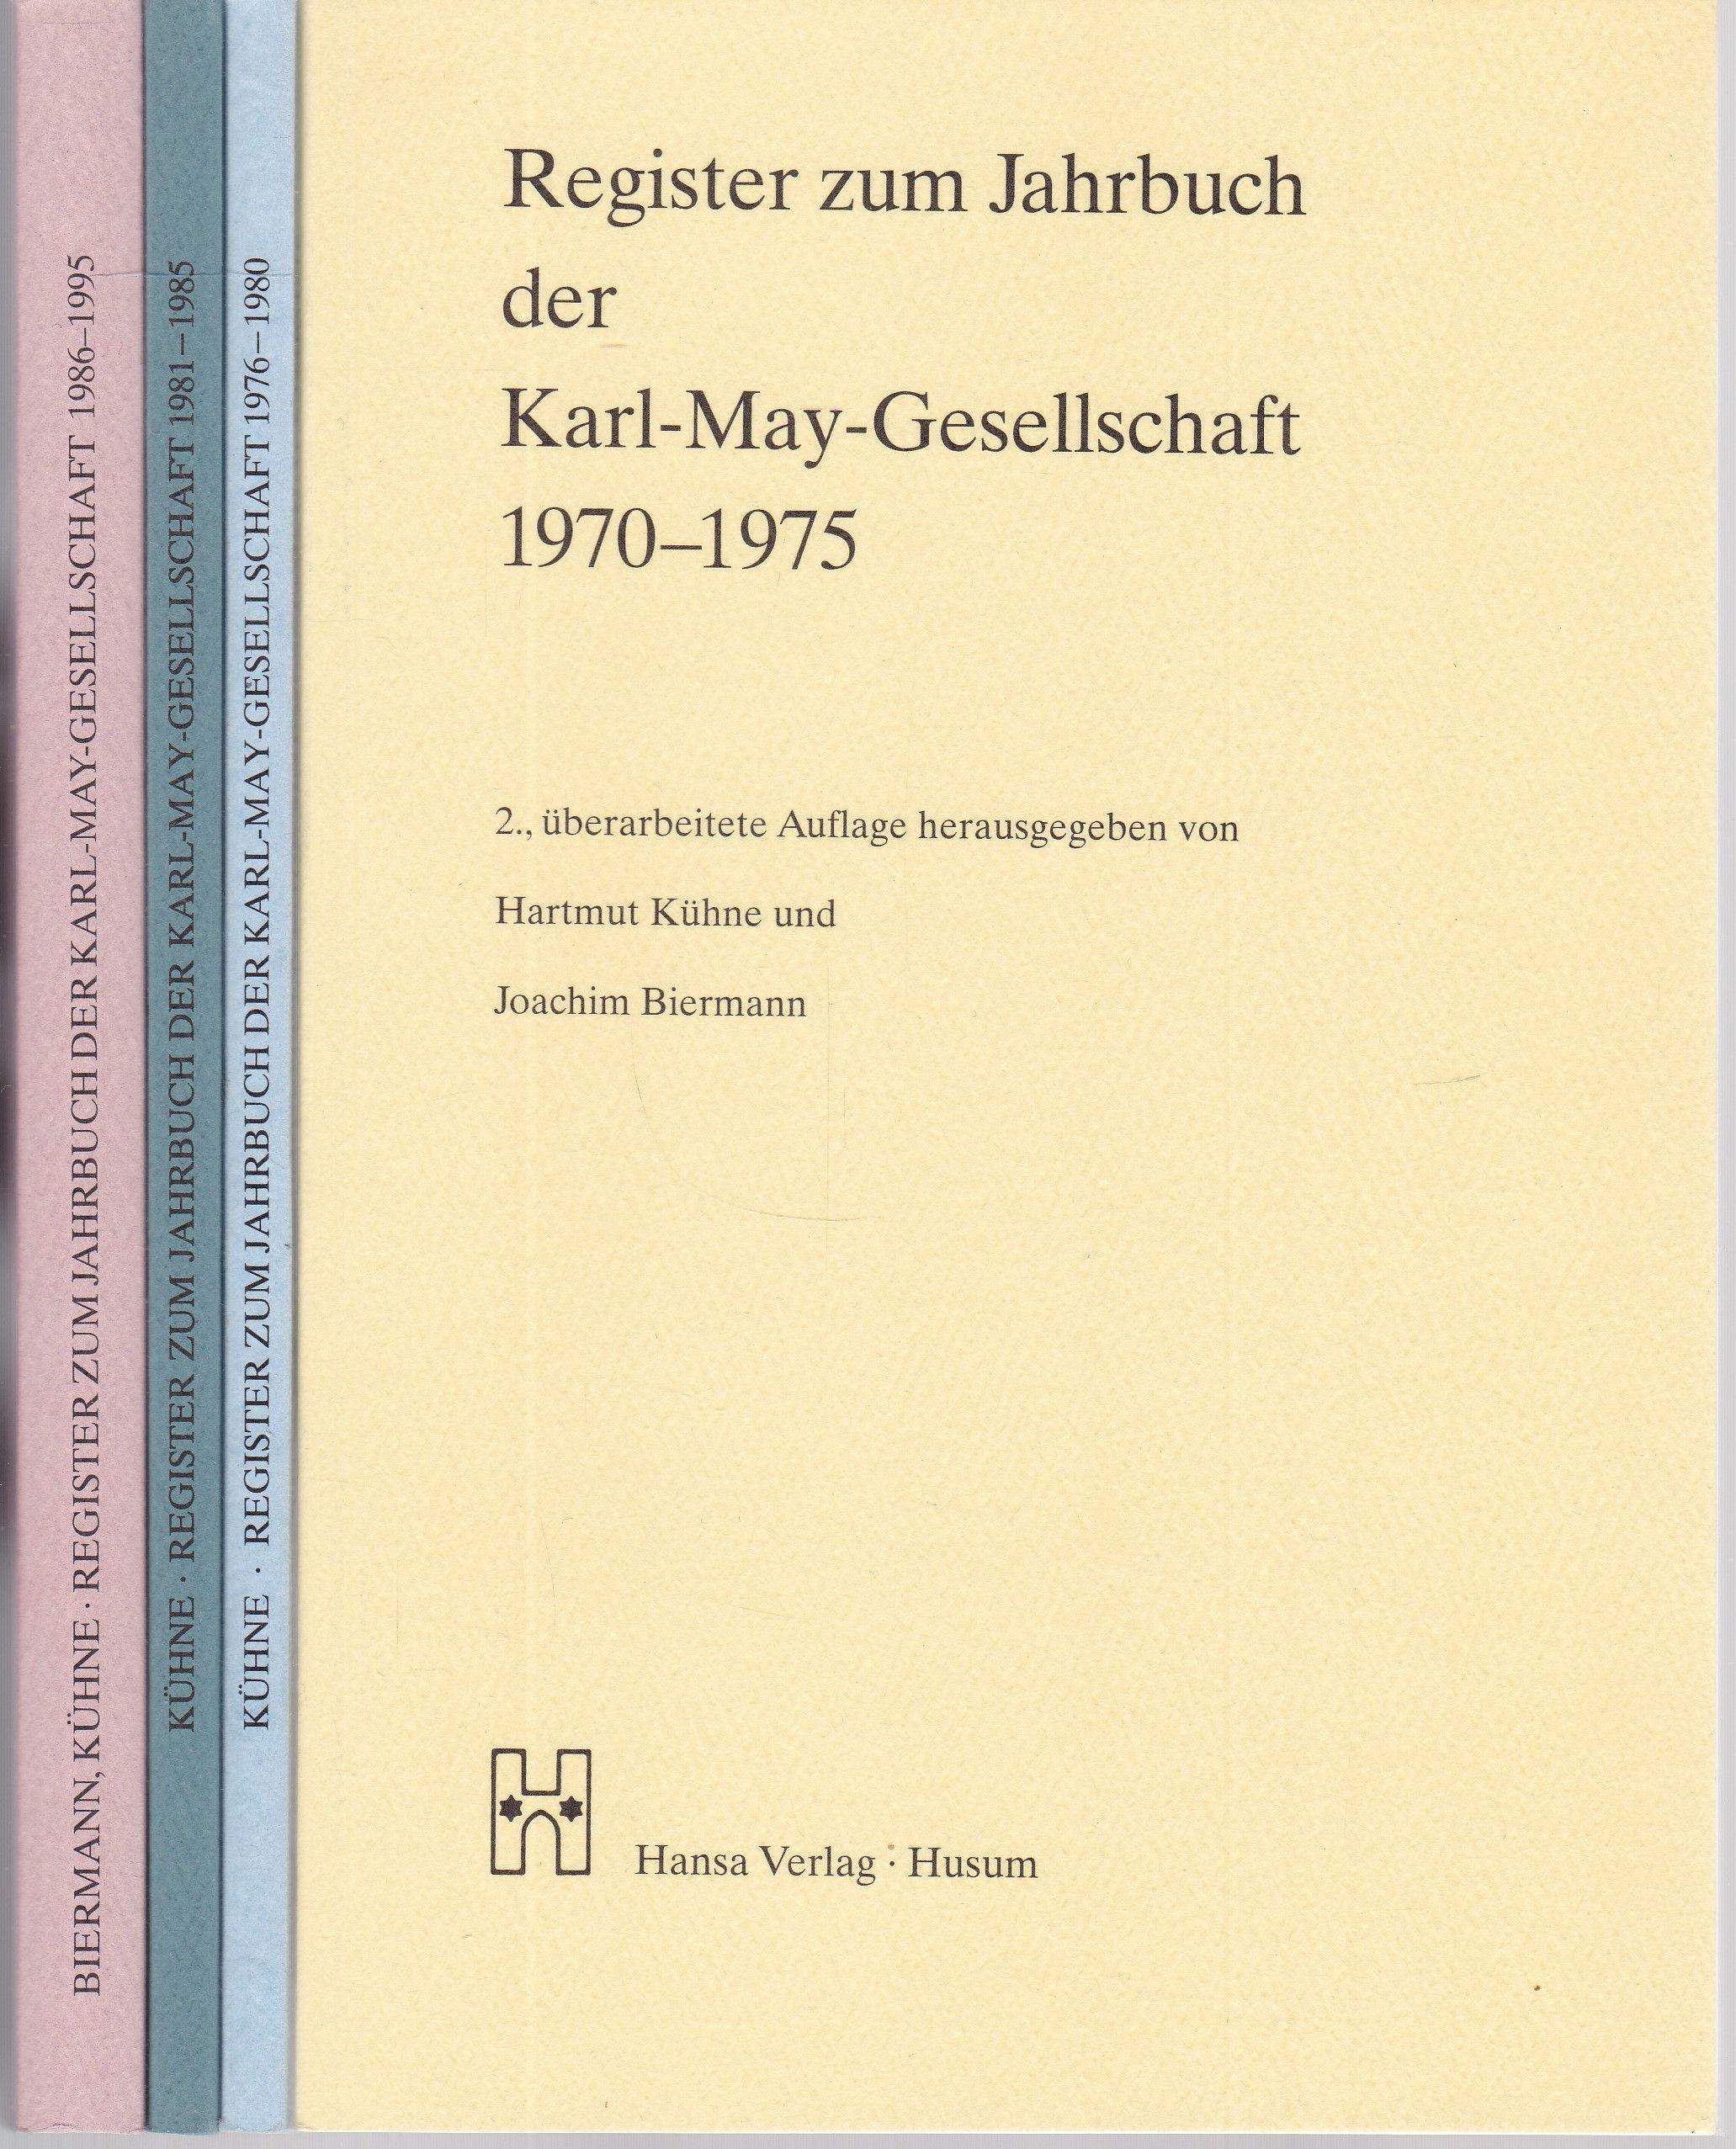 Register zum Jahrbuch der Karl-May-Gesellschaft 1970 -: Kühne, Hartmut